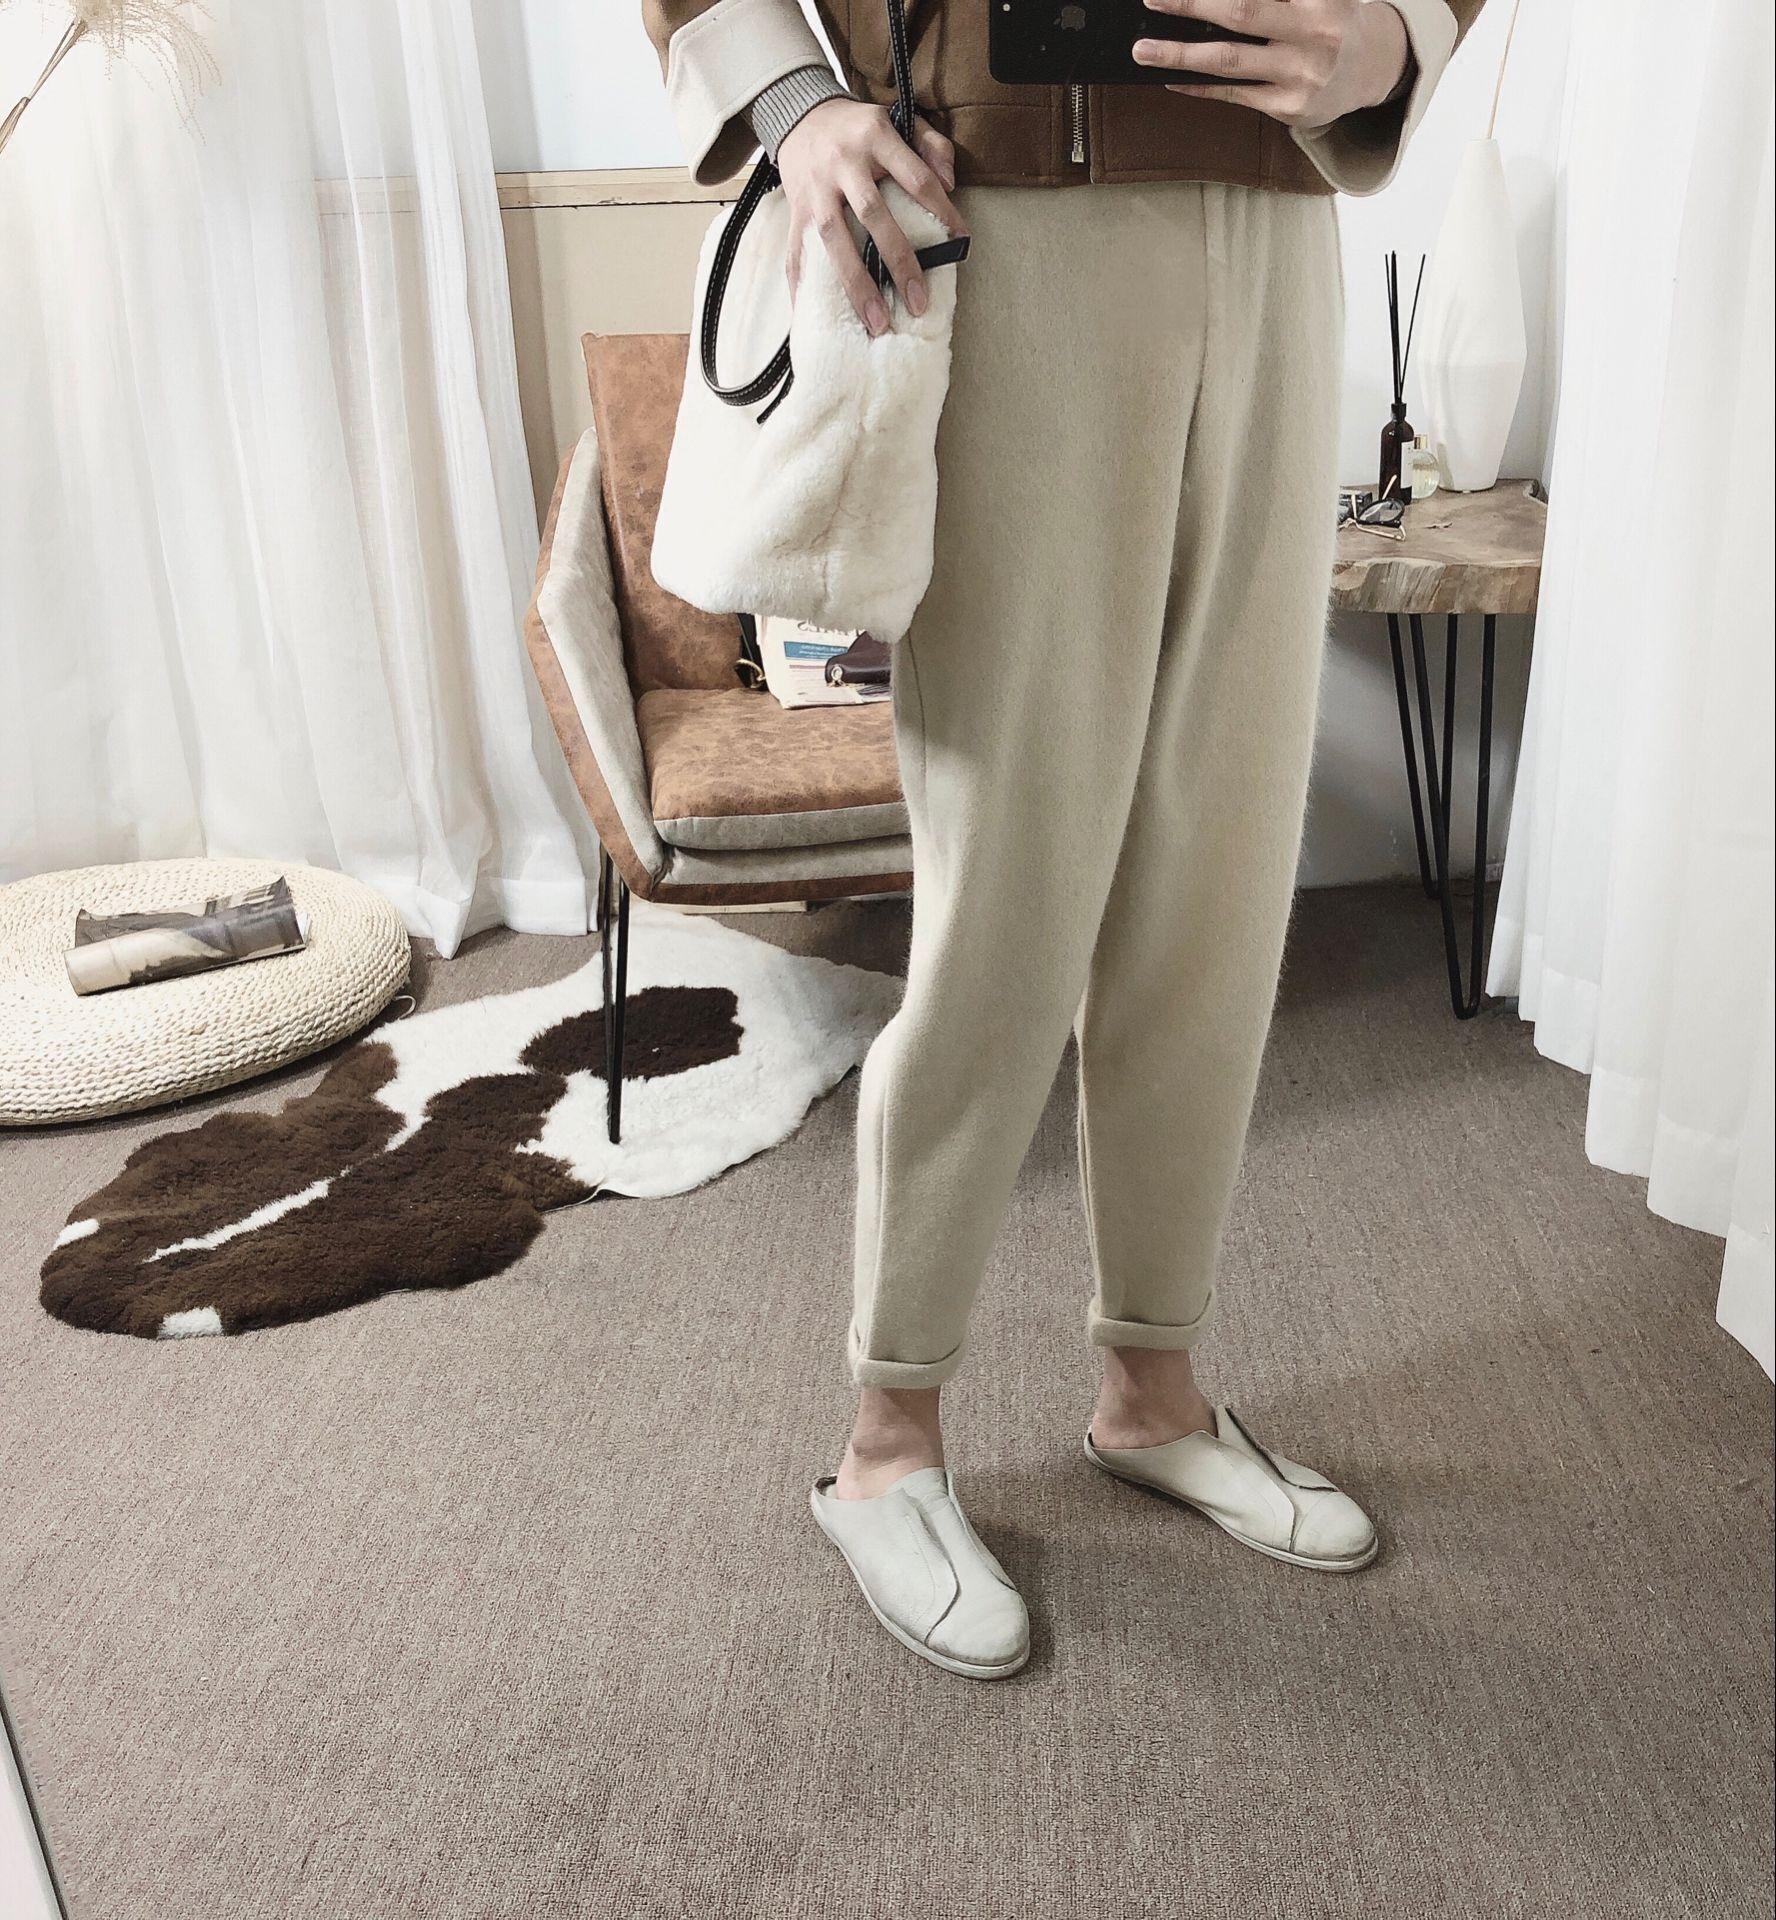 阿茶与阿古冬款加厚松紧毛呢韩版萝卜裤休闲裤小脚裤